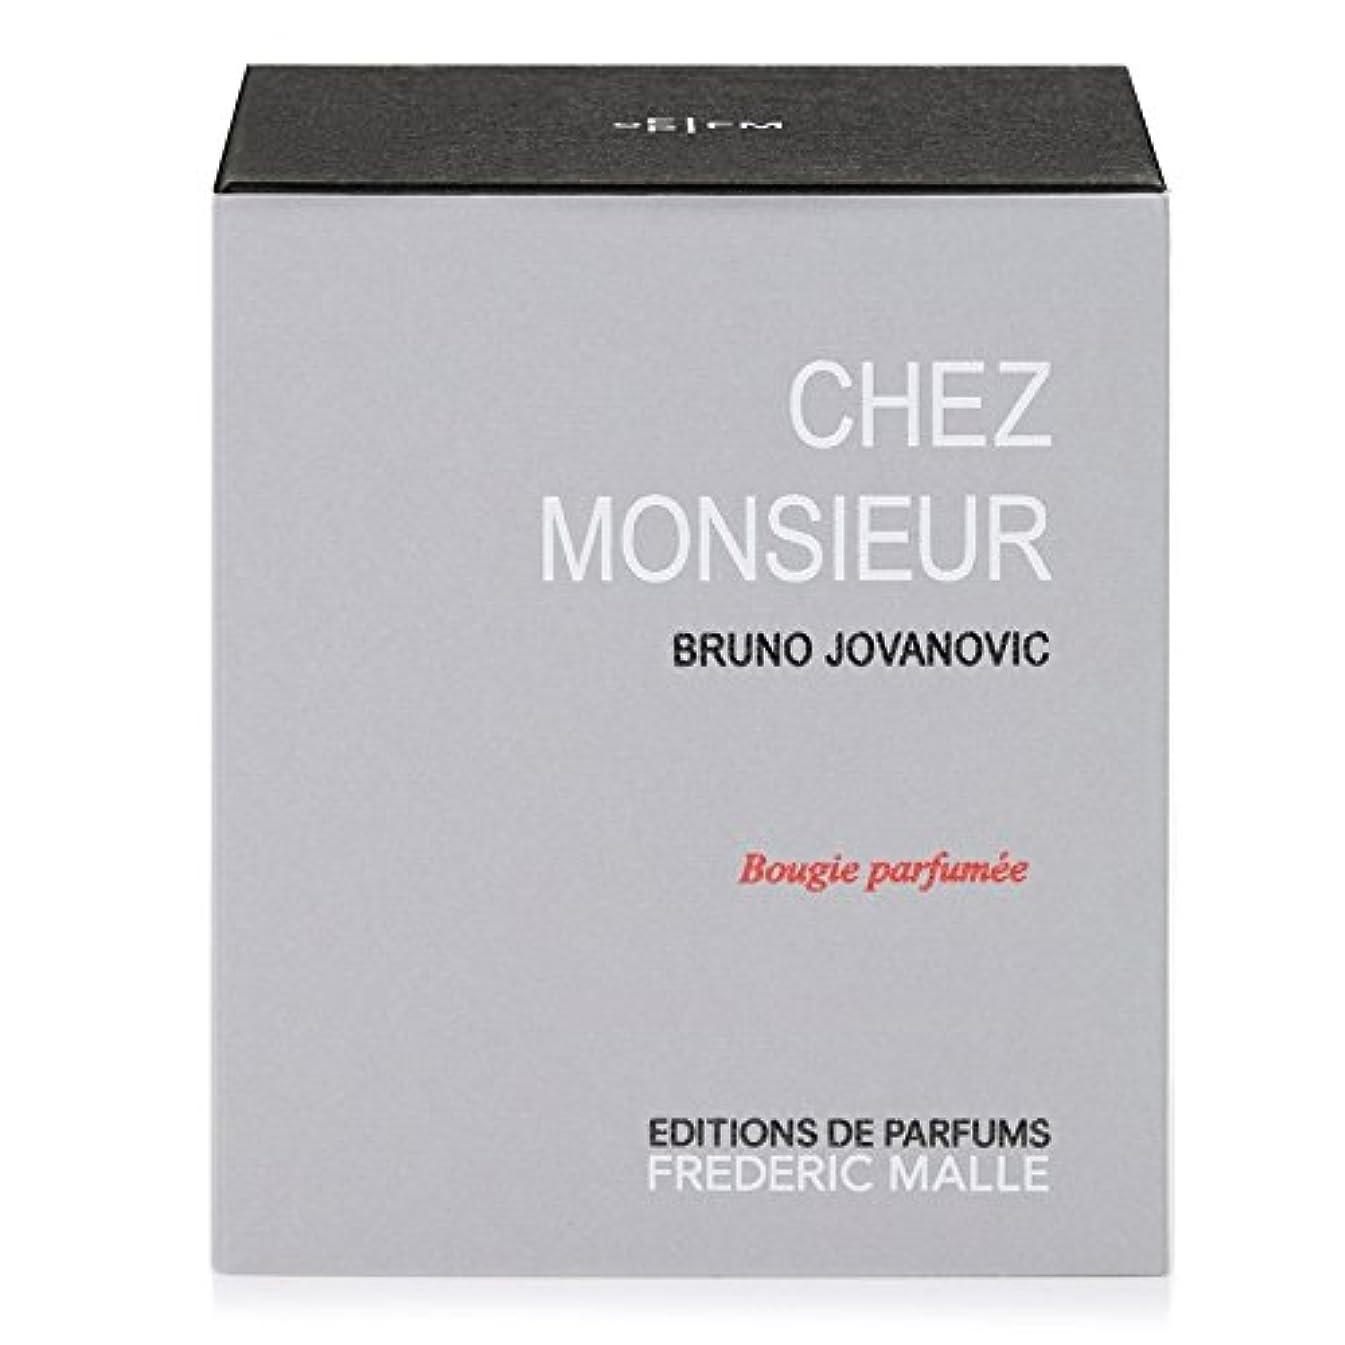 パノラマ風中絶フレデリック?マルシェムッシュ香りのキャンドル220グラム x6 - Frederic Malle Chez Monsieur Scented Candle 220g (Pack of 6) [並行輸入品]